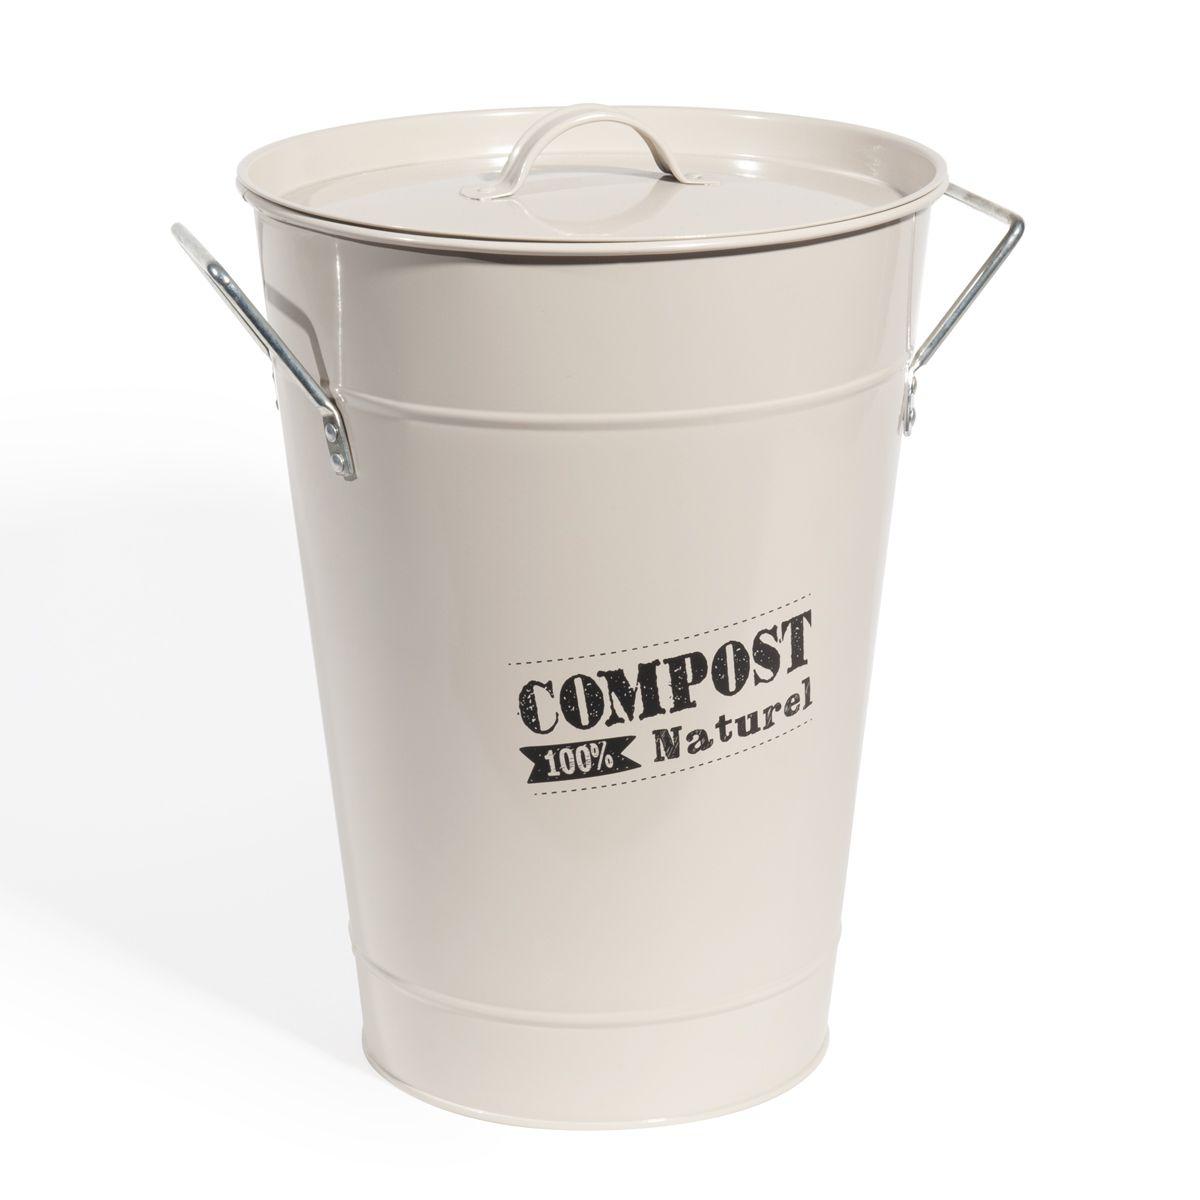 Topf Compost Naturel Pots Maison Du Monde Maison